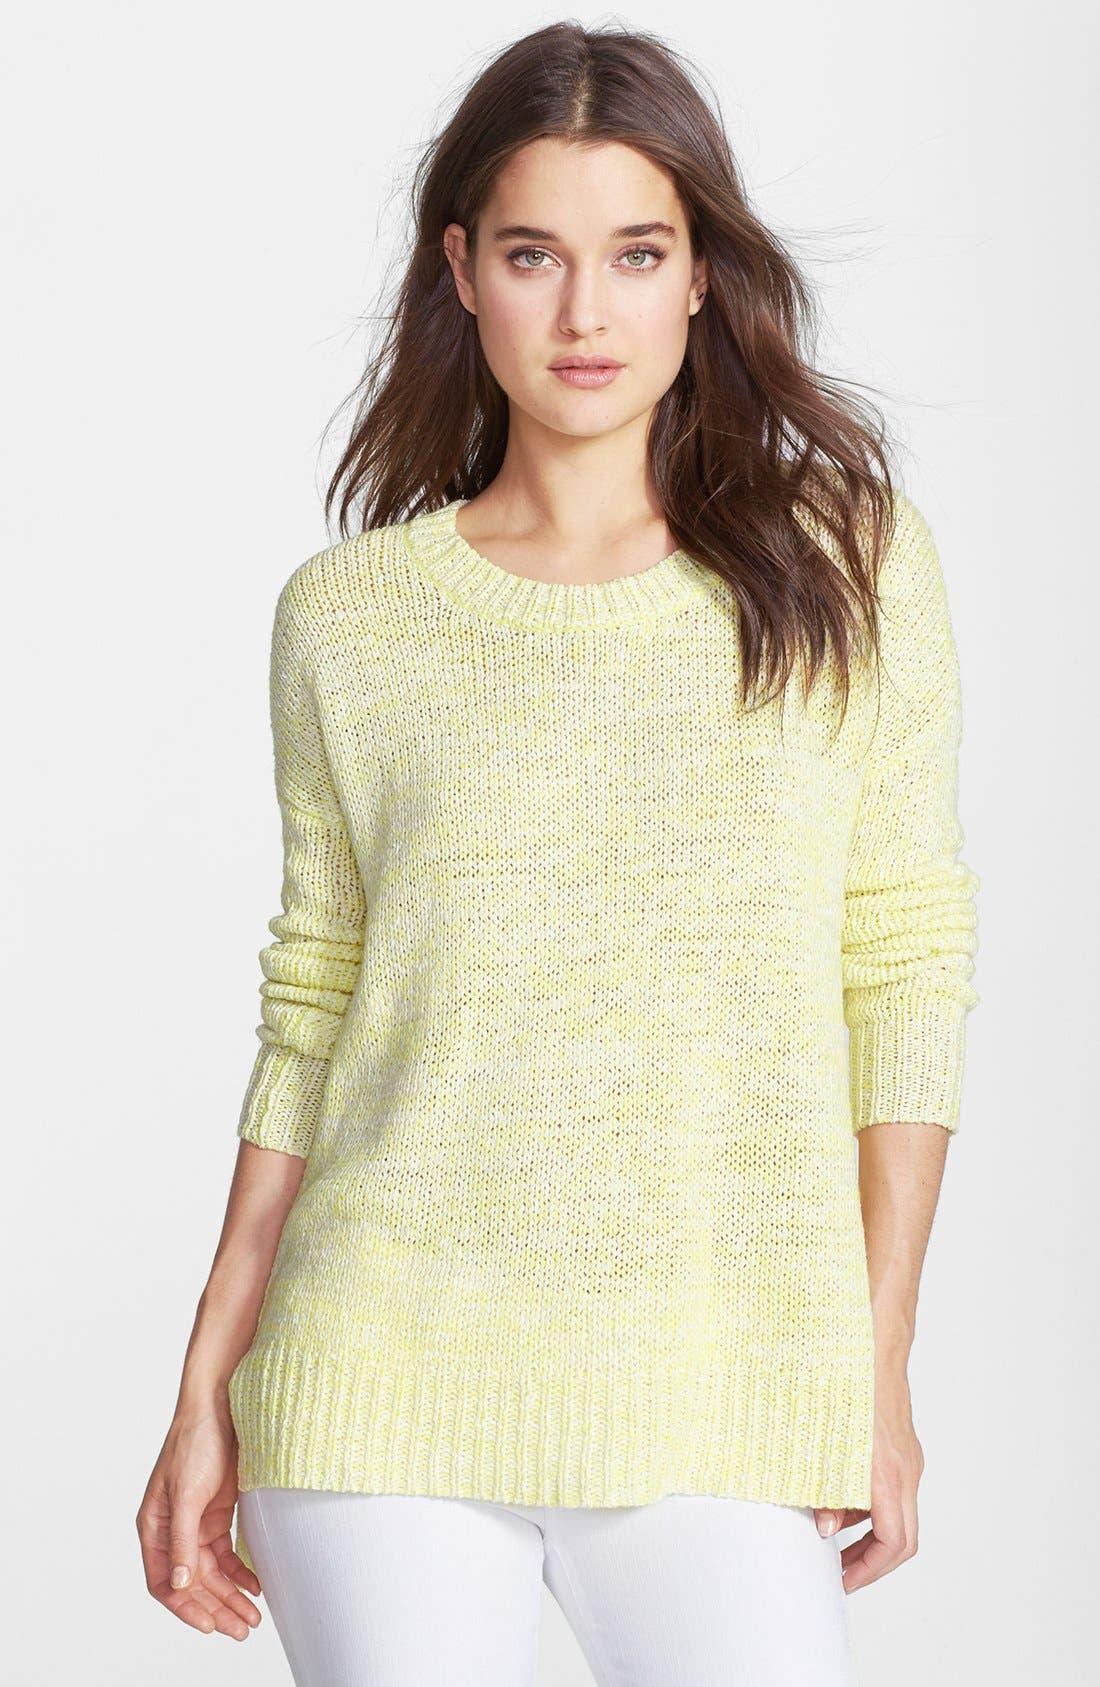 Alternate Image 1 Selected - Velvet by Graham & Spencer Marled Knit Sweater